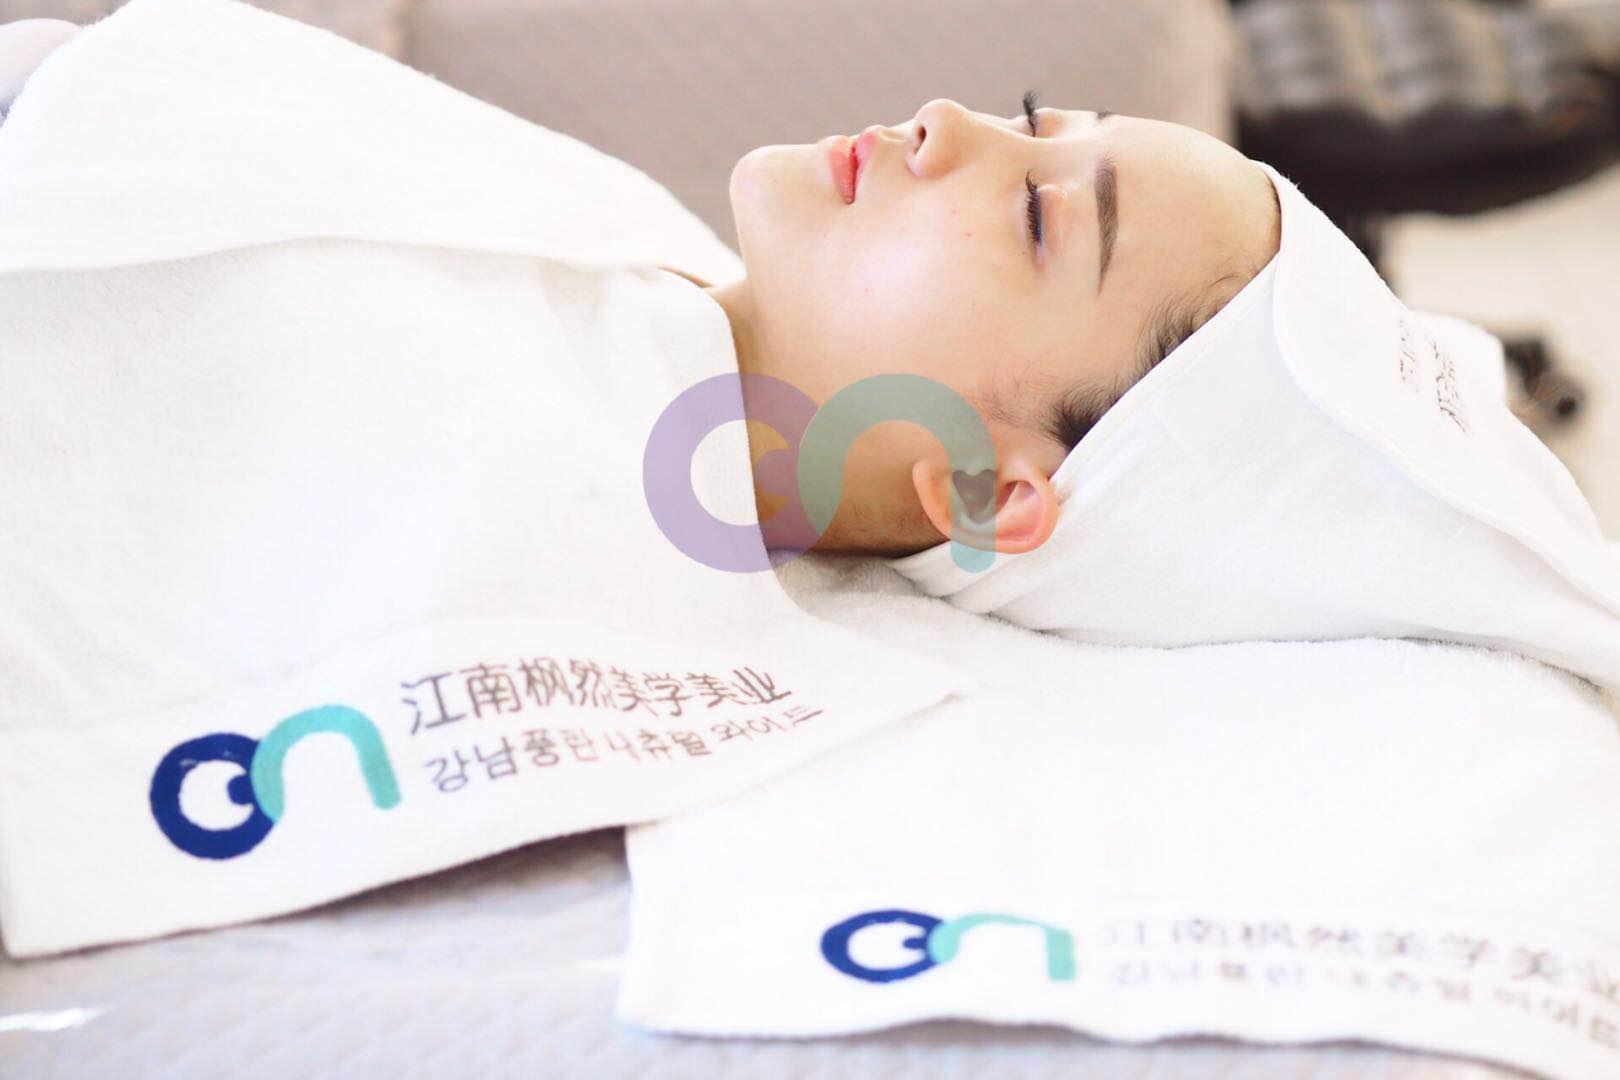 江南枫然皮肤管理连锁品牌